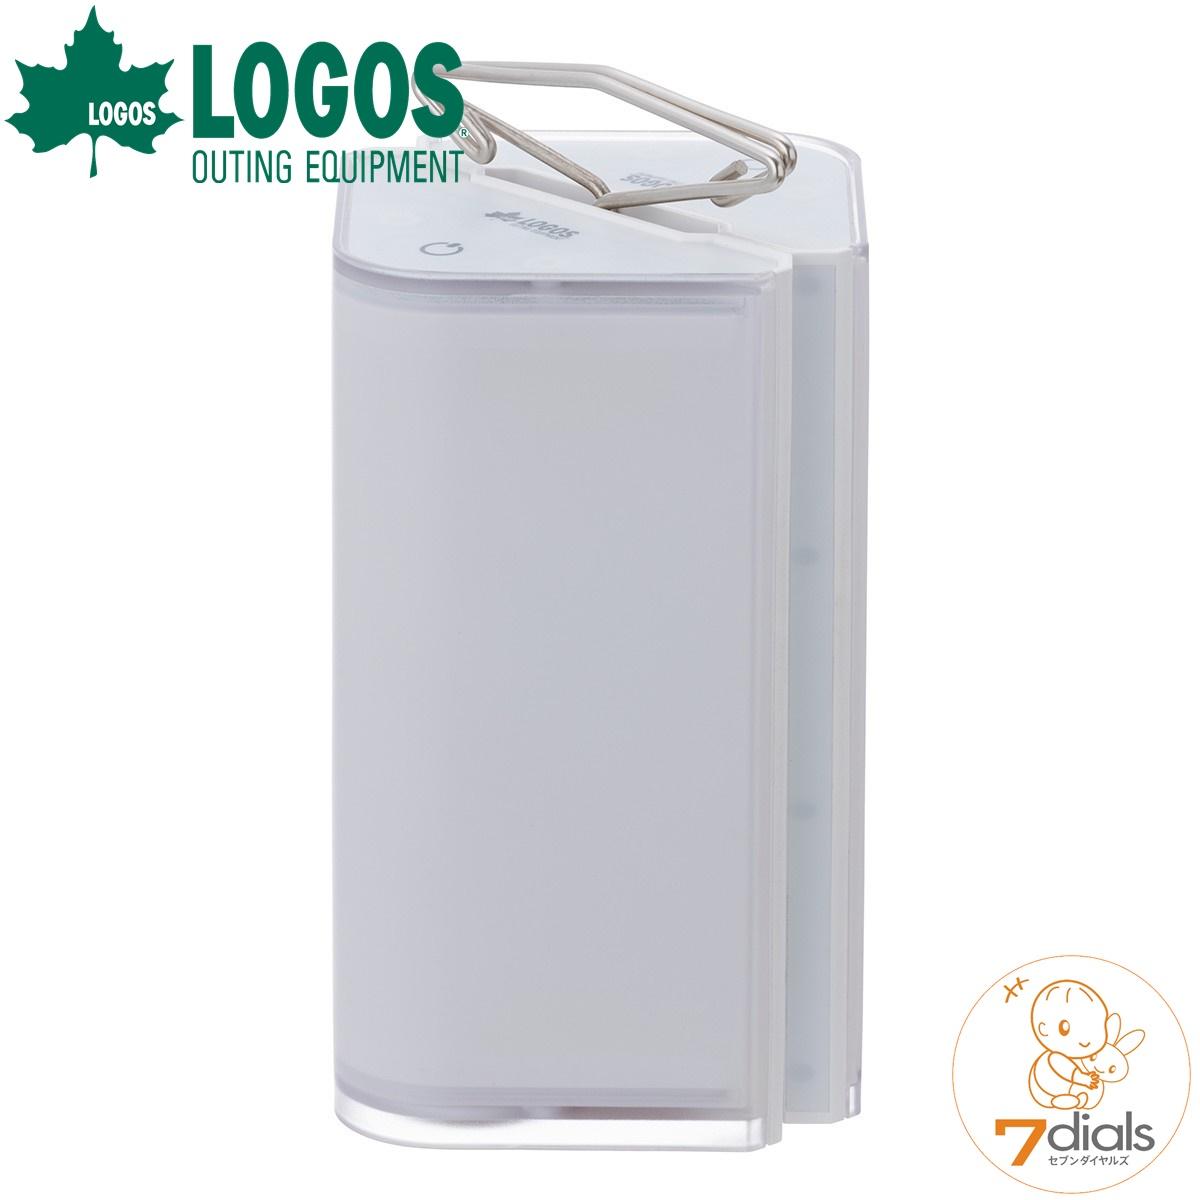 LOGOS/ロゴス ロジックランタン 2つにセパレートできる乾電池式のLEDランタン 約588ルーメン 吊り下げなど使い方色々【送料無料】